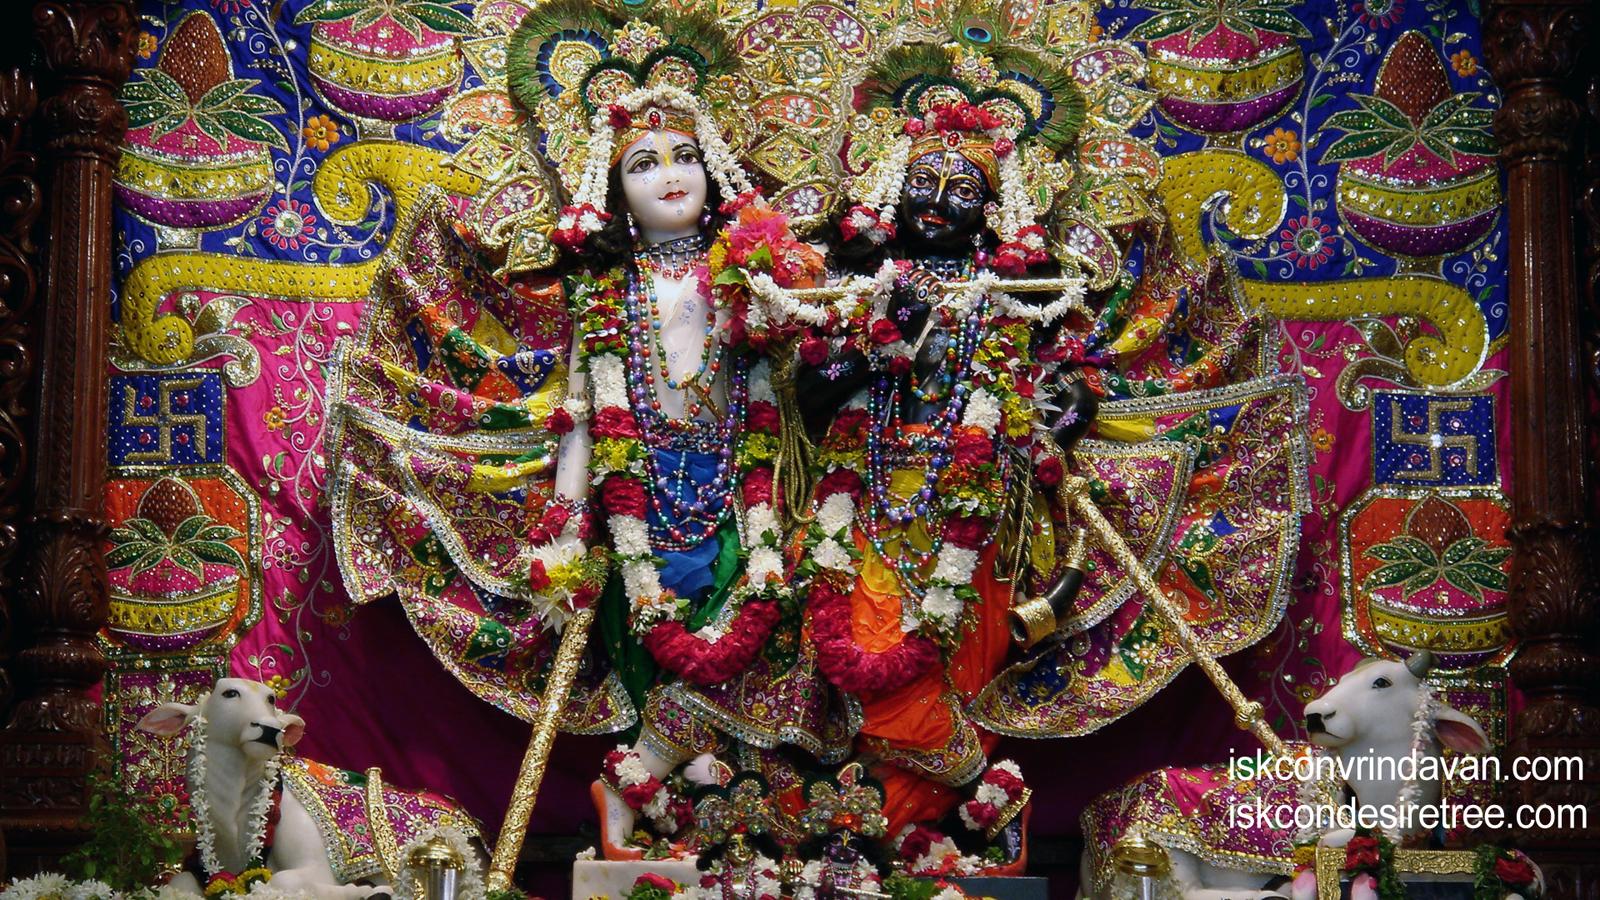 Sri Sri Krishna Balaram Wallpaper (038) Size 1600x900 Download